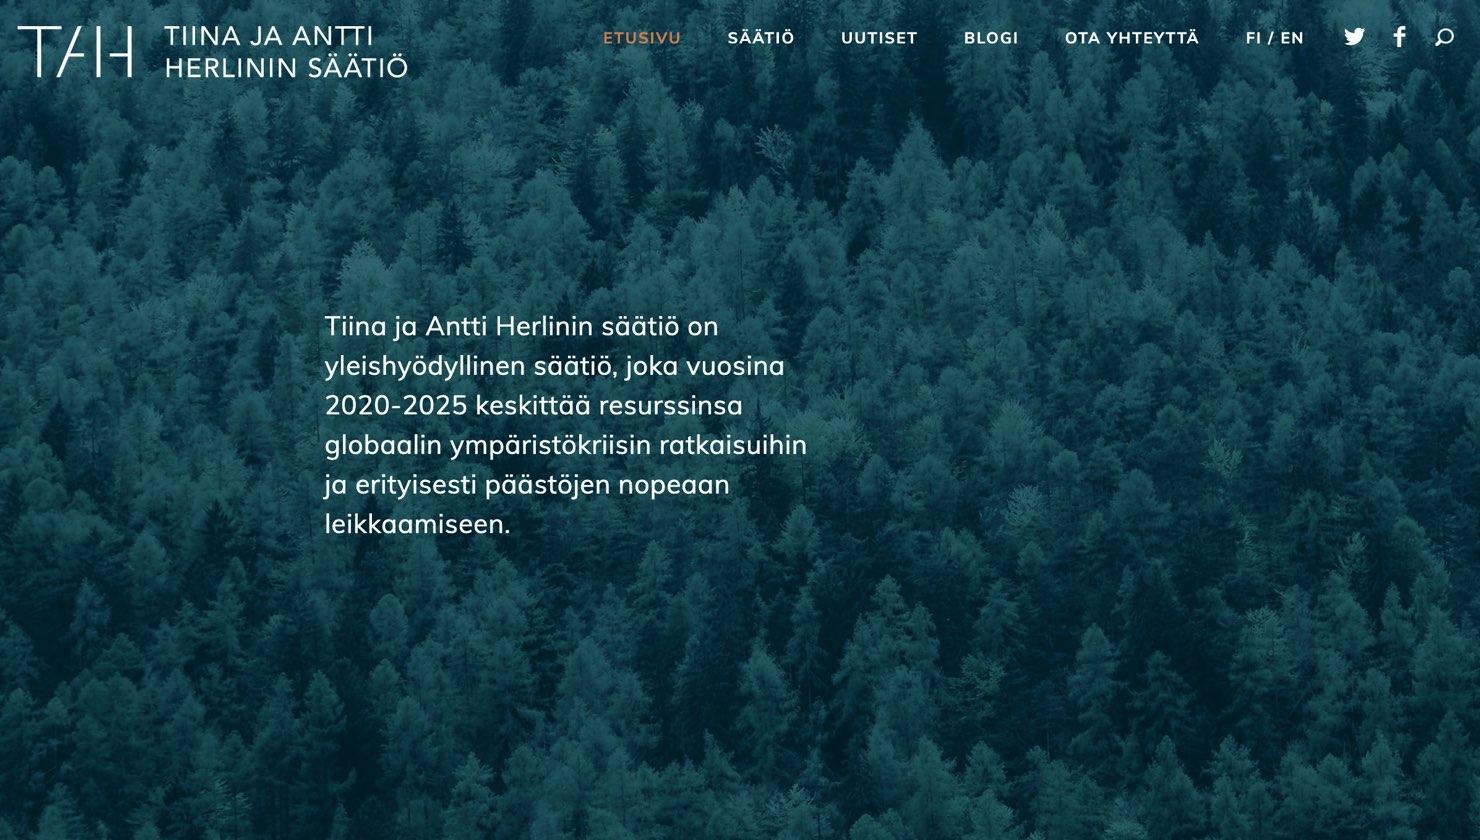 Tiina ja Antti Herlinin säätiön verkkosivujen etusivu